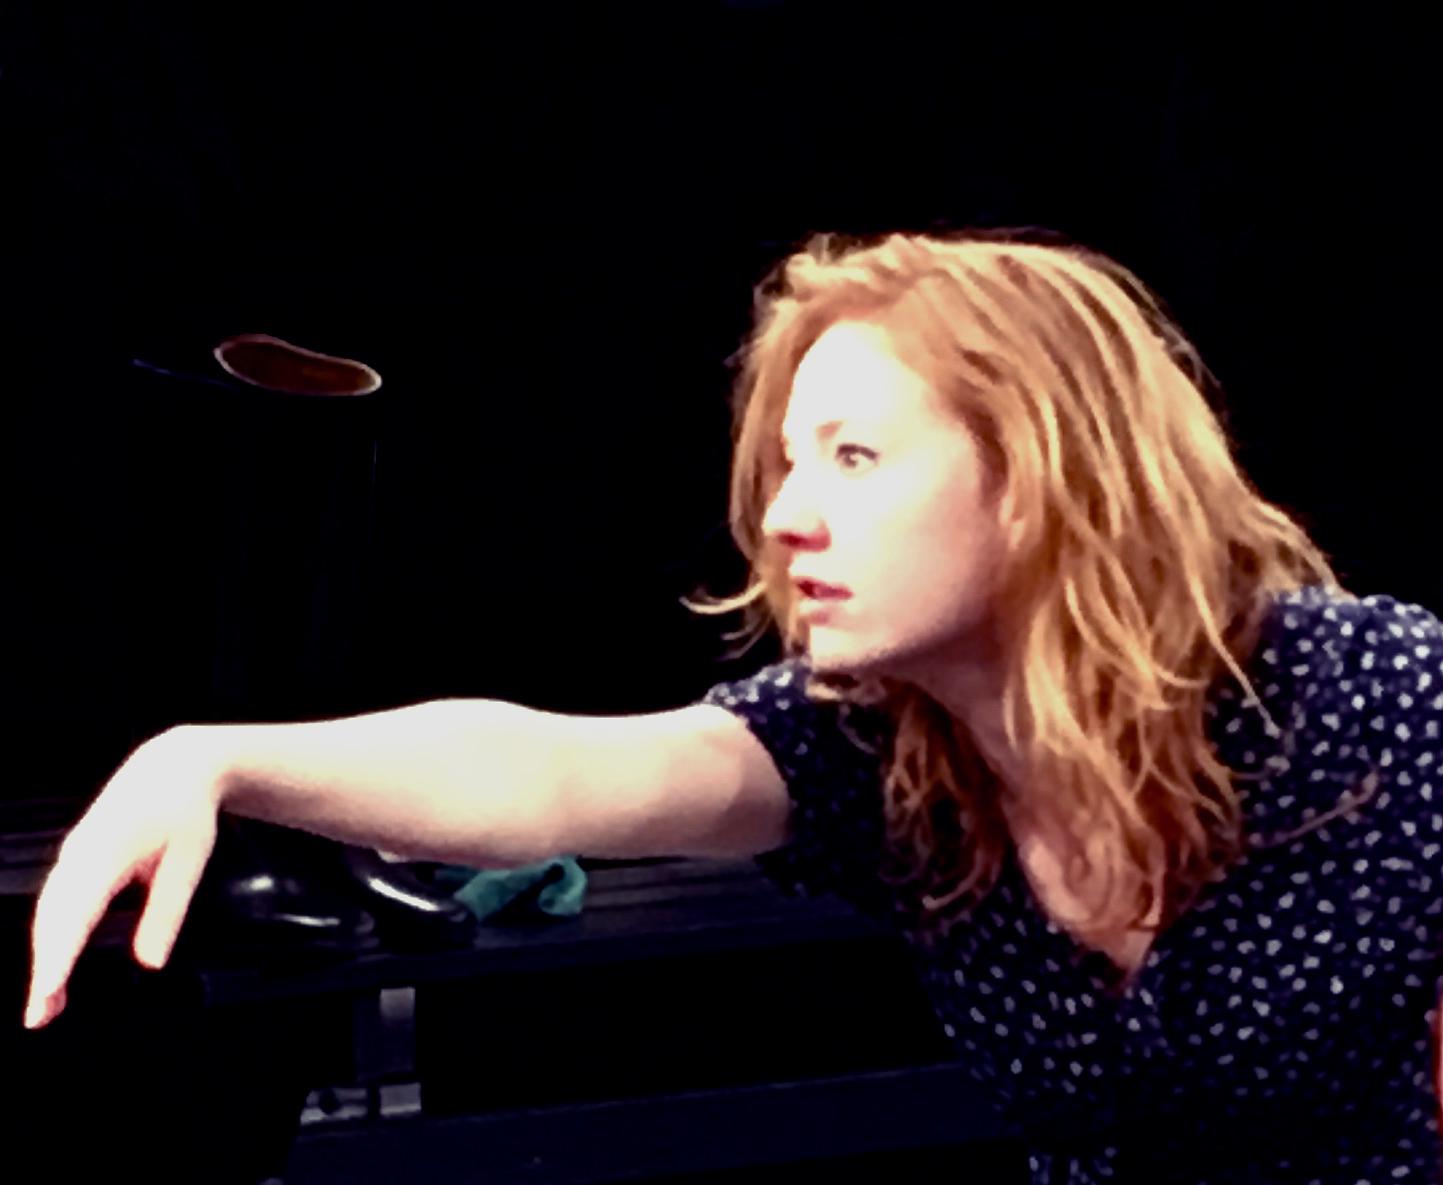 Miss Julie. Odense Denmark